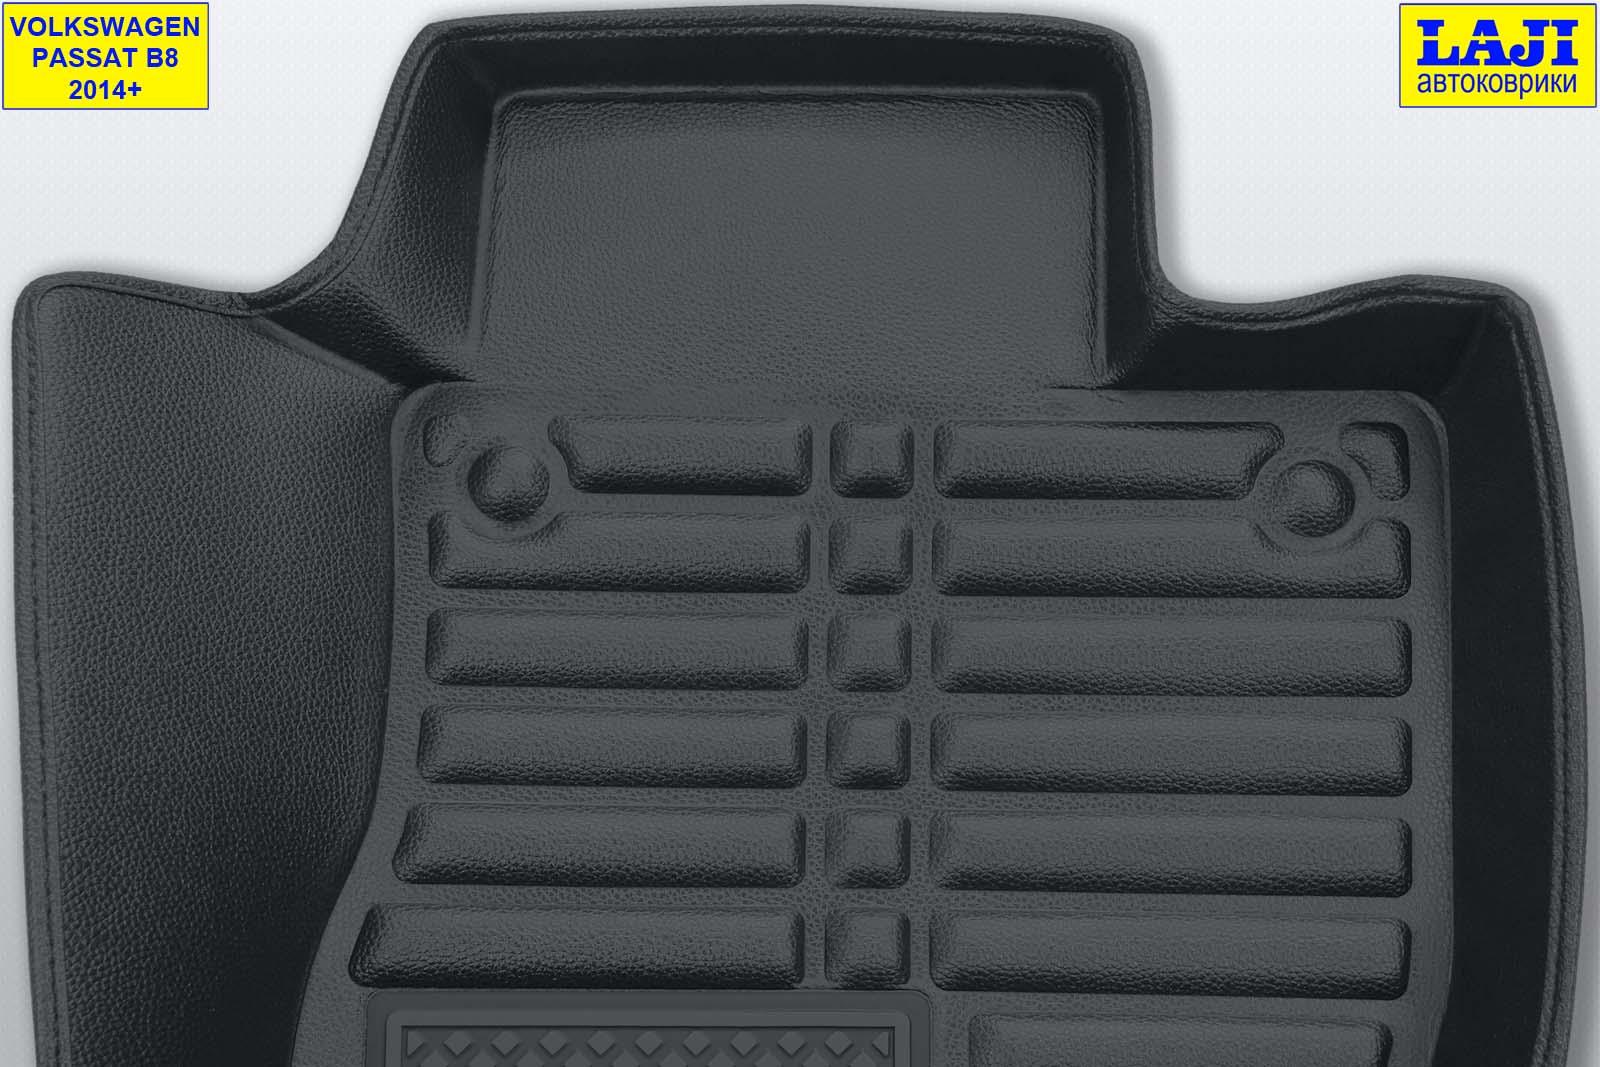 5D коврики в салон Volkswagen Passat B8 2014-н.в. 8